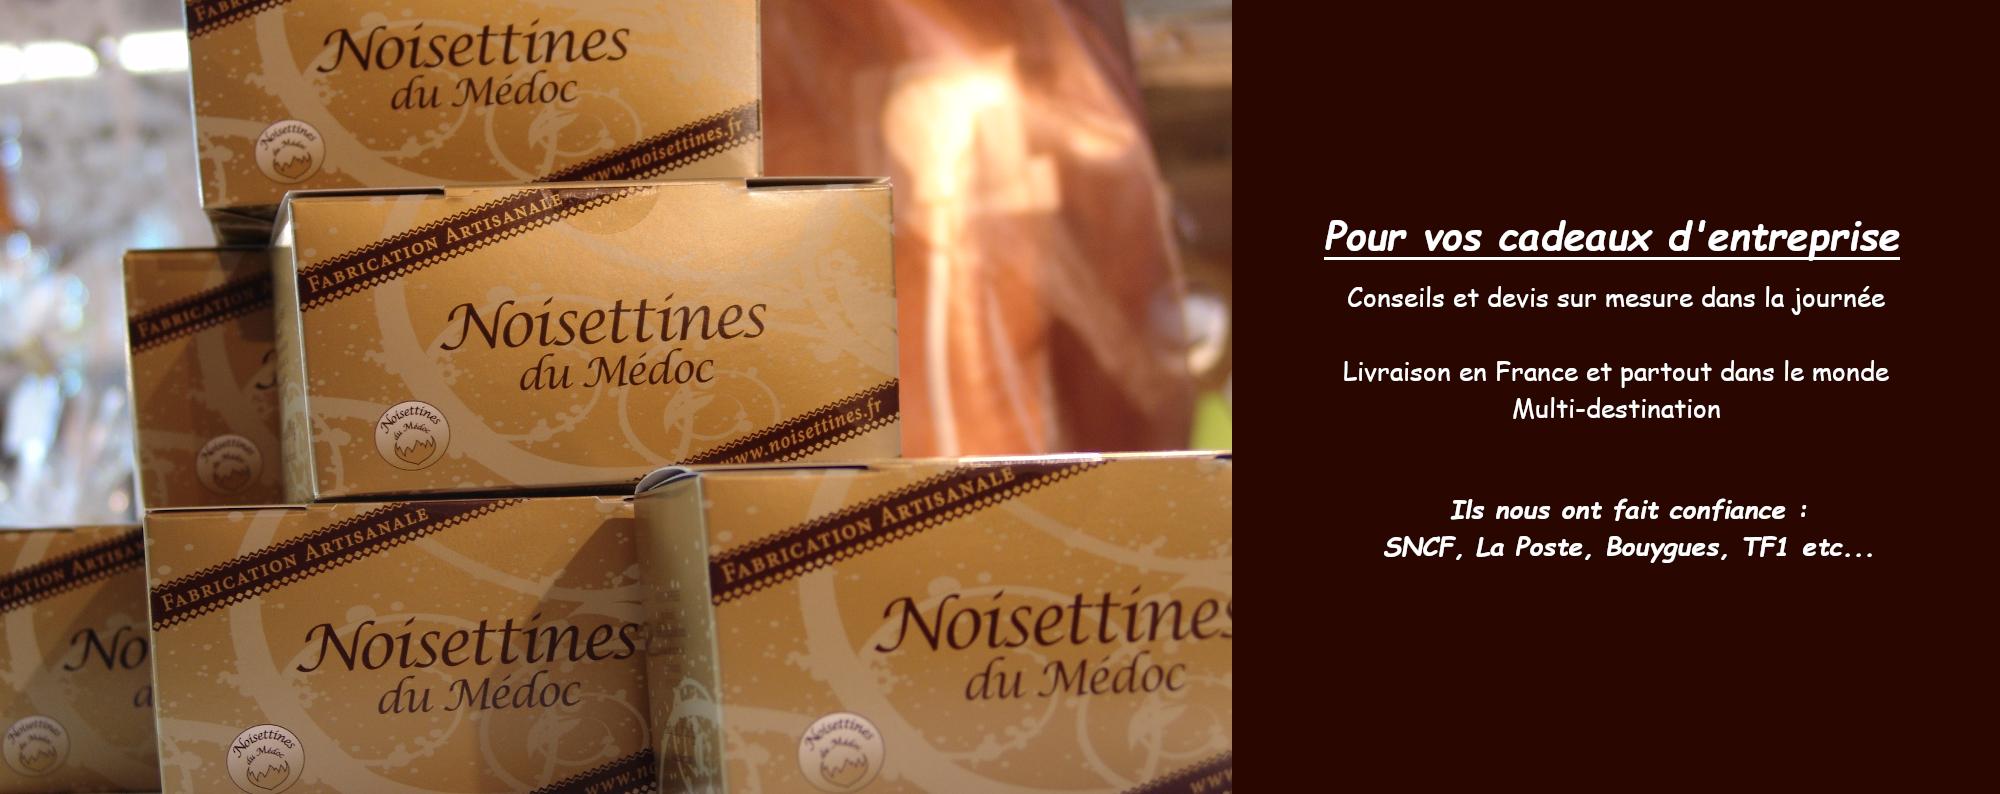 vos cadeaux d'entreprise avec les Noisettines du Médoc